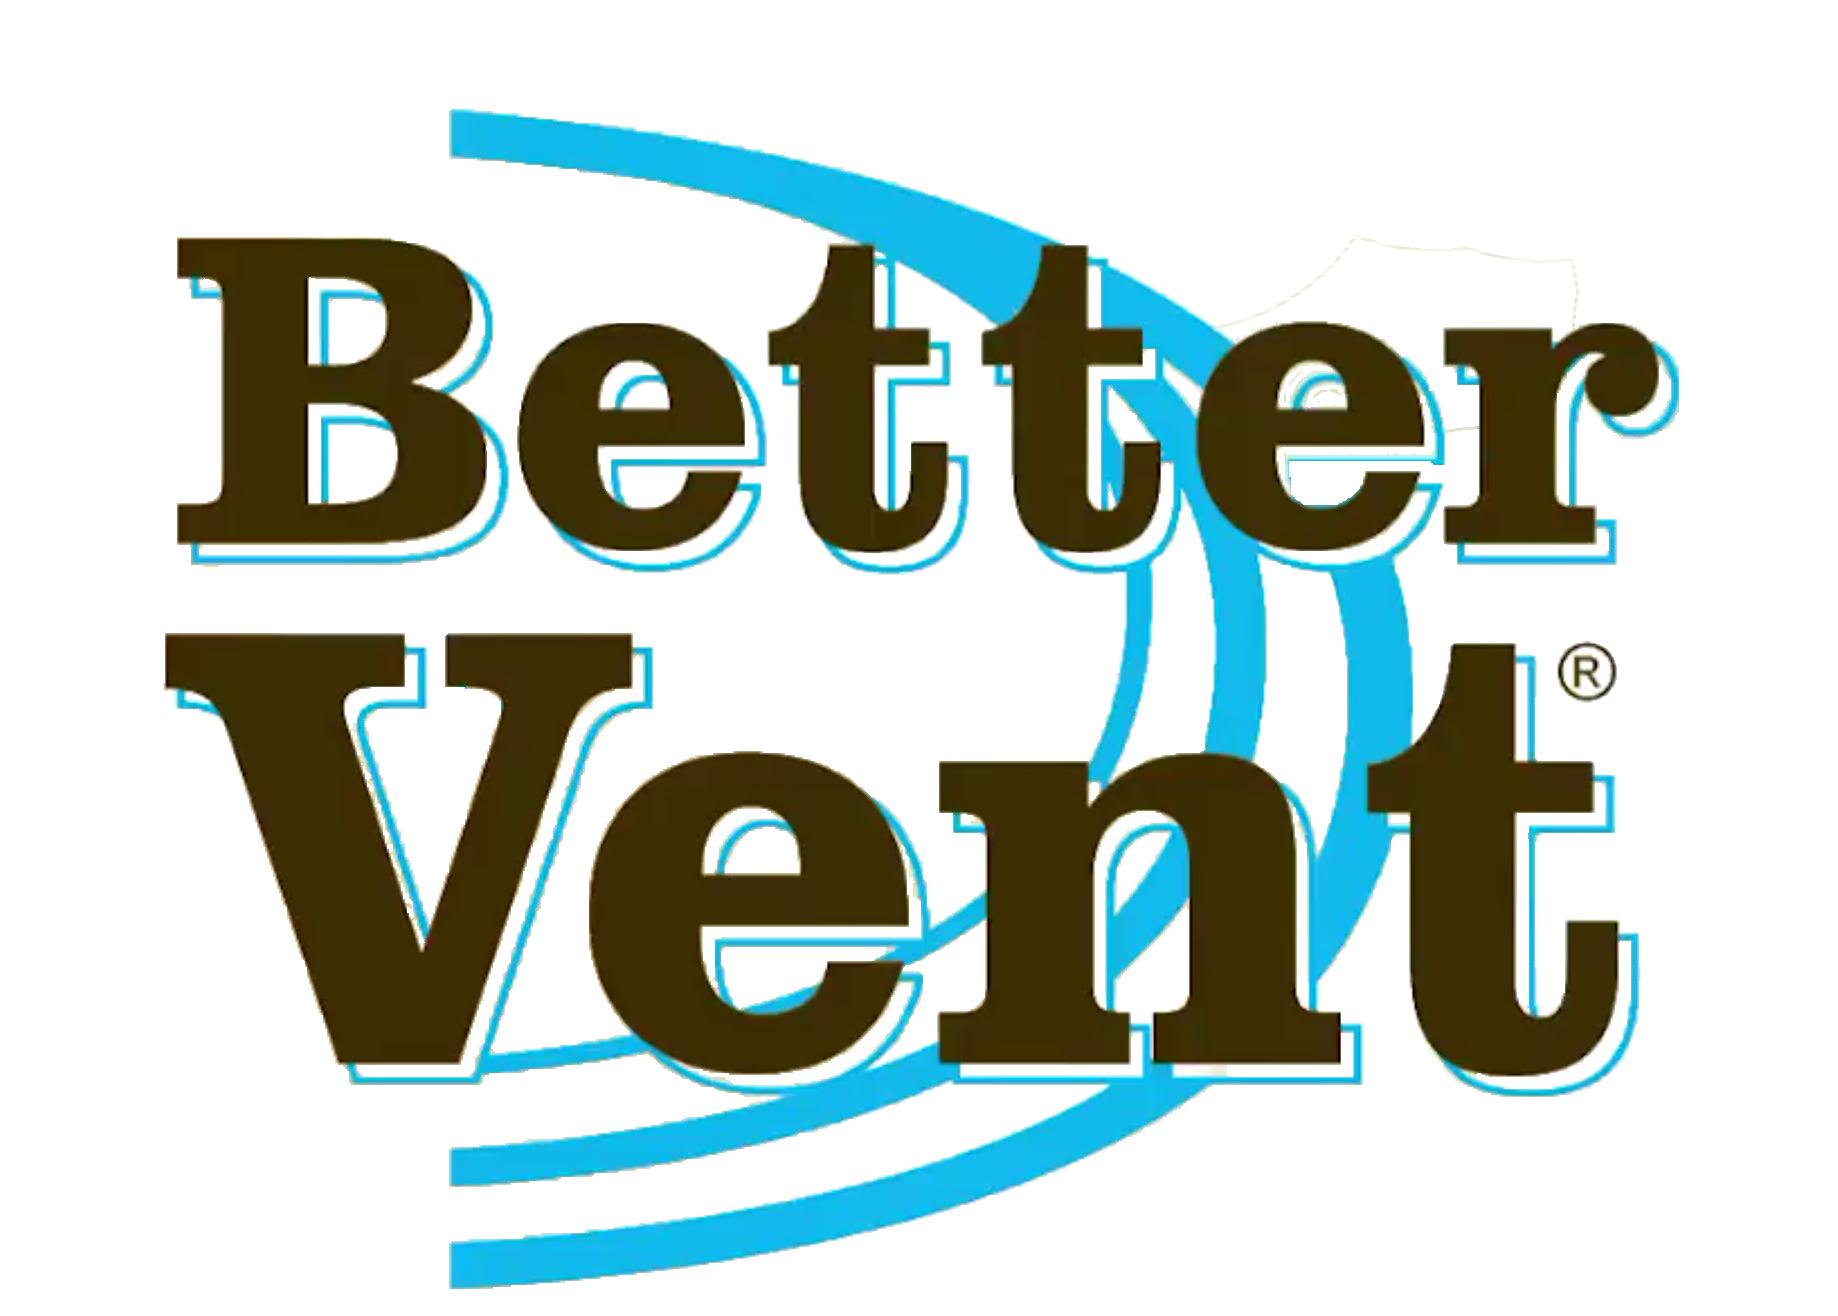 bettervent-logo(1)